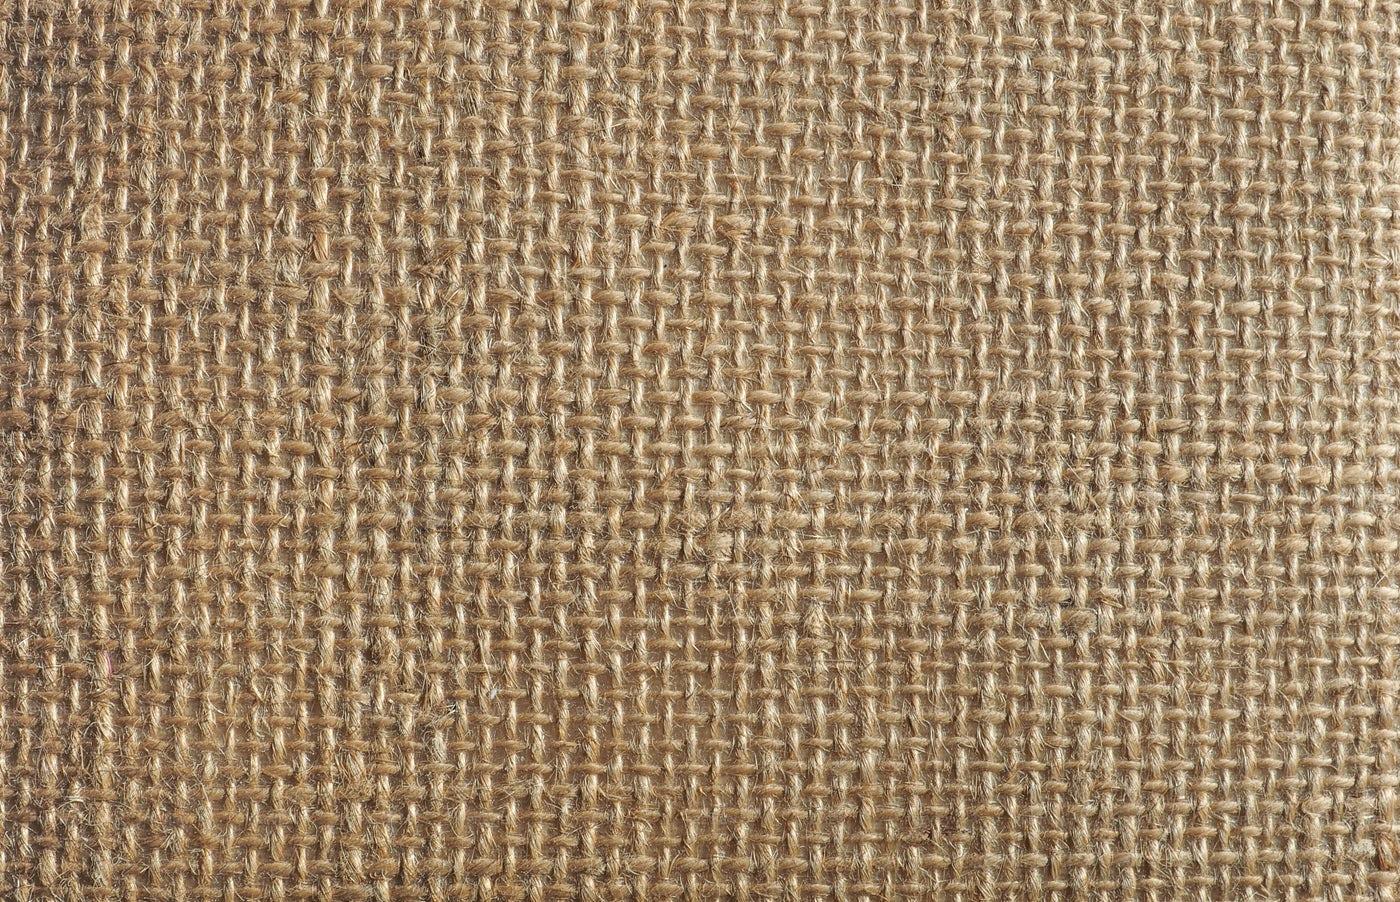 Brown Burlap Hessian Fabric: Stock Photos